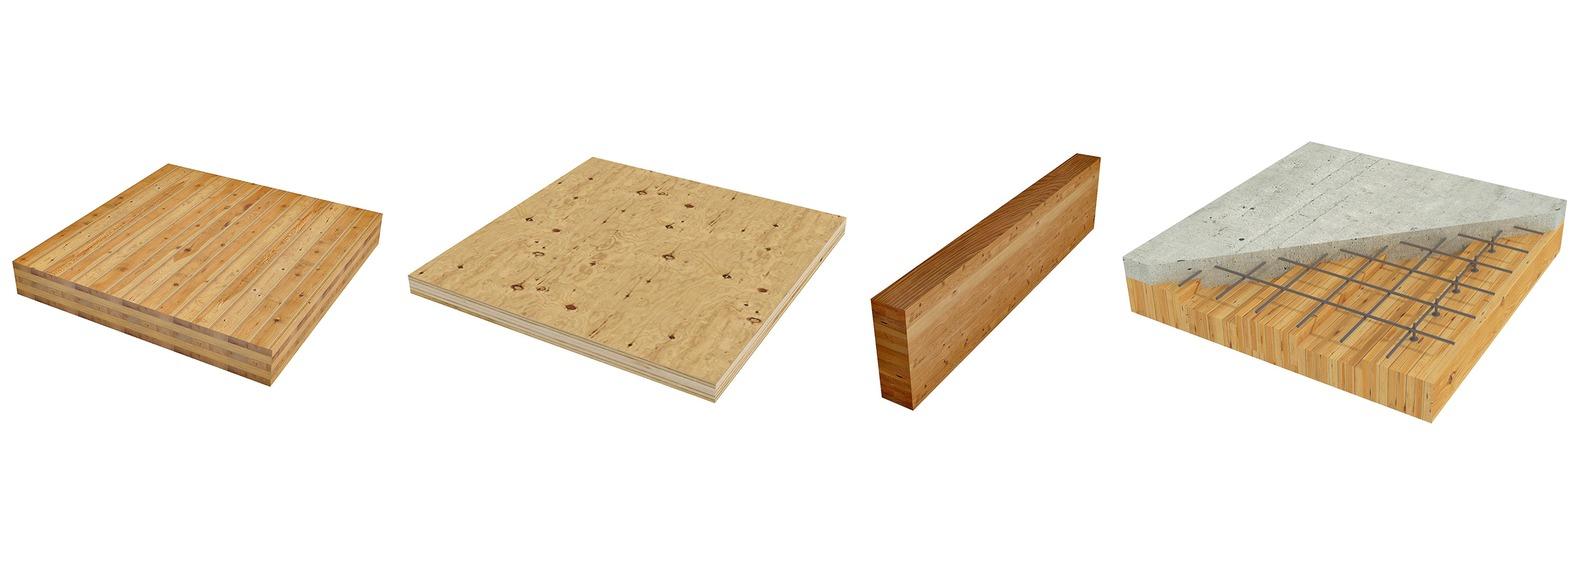 Древесина Тенденции: 7, смотреть на 2020 год, Крест ламинированная древесина (CLT) - Панели LVL - Клееная Ламинированная древесина (Glulam) - Древесно-бетонный композит (TCC).  Изображение © StructureCraft